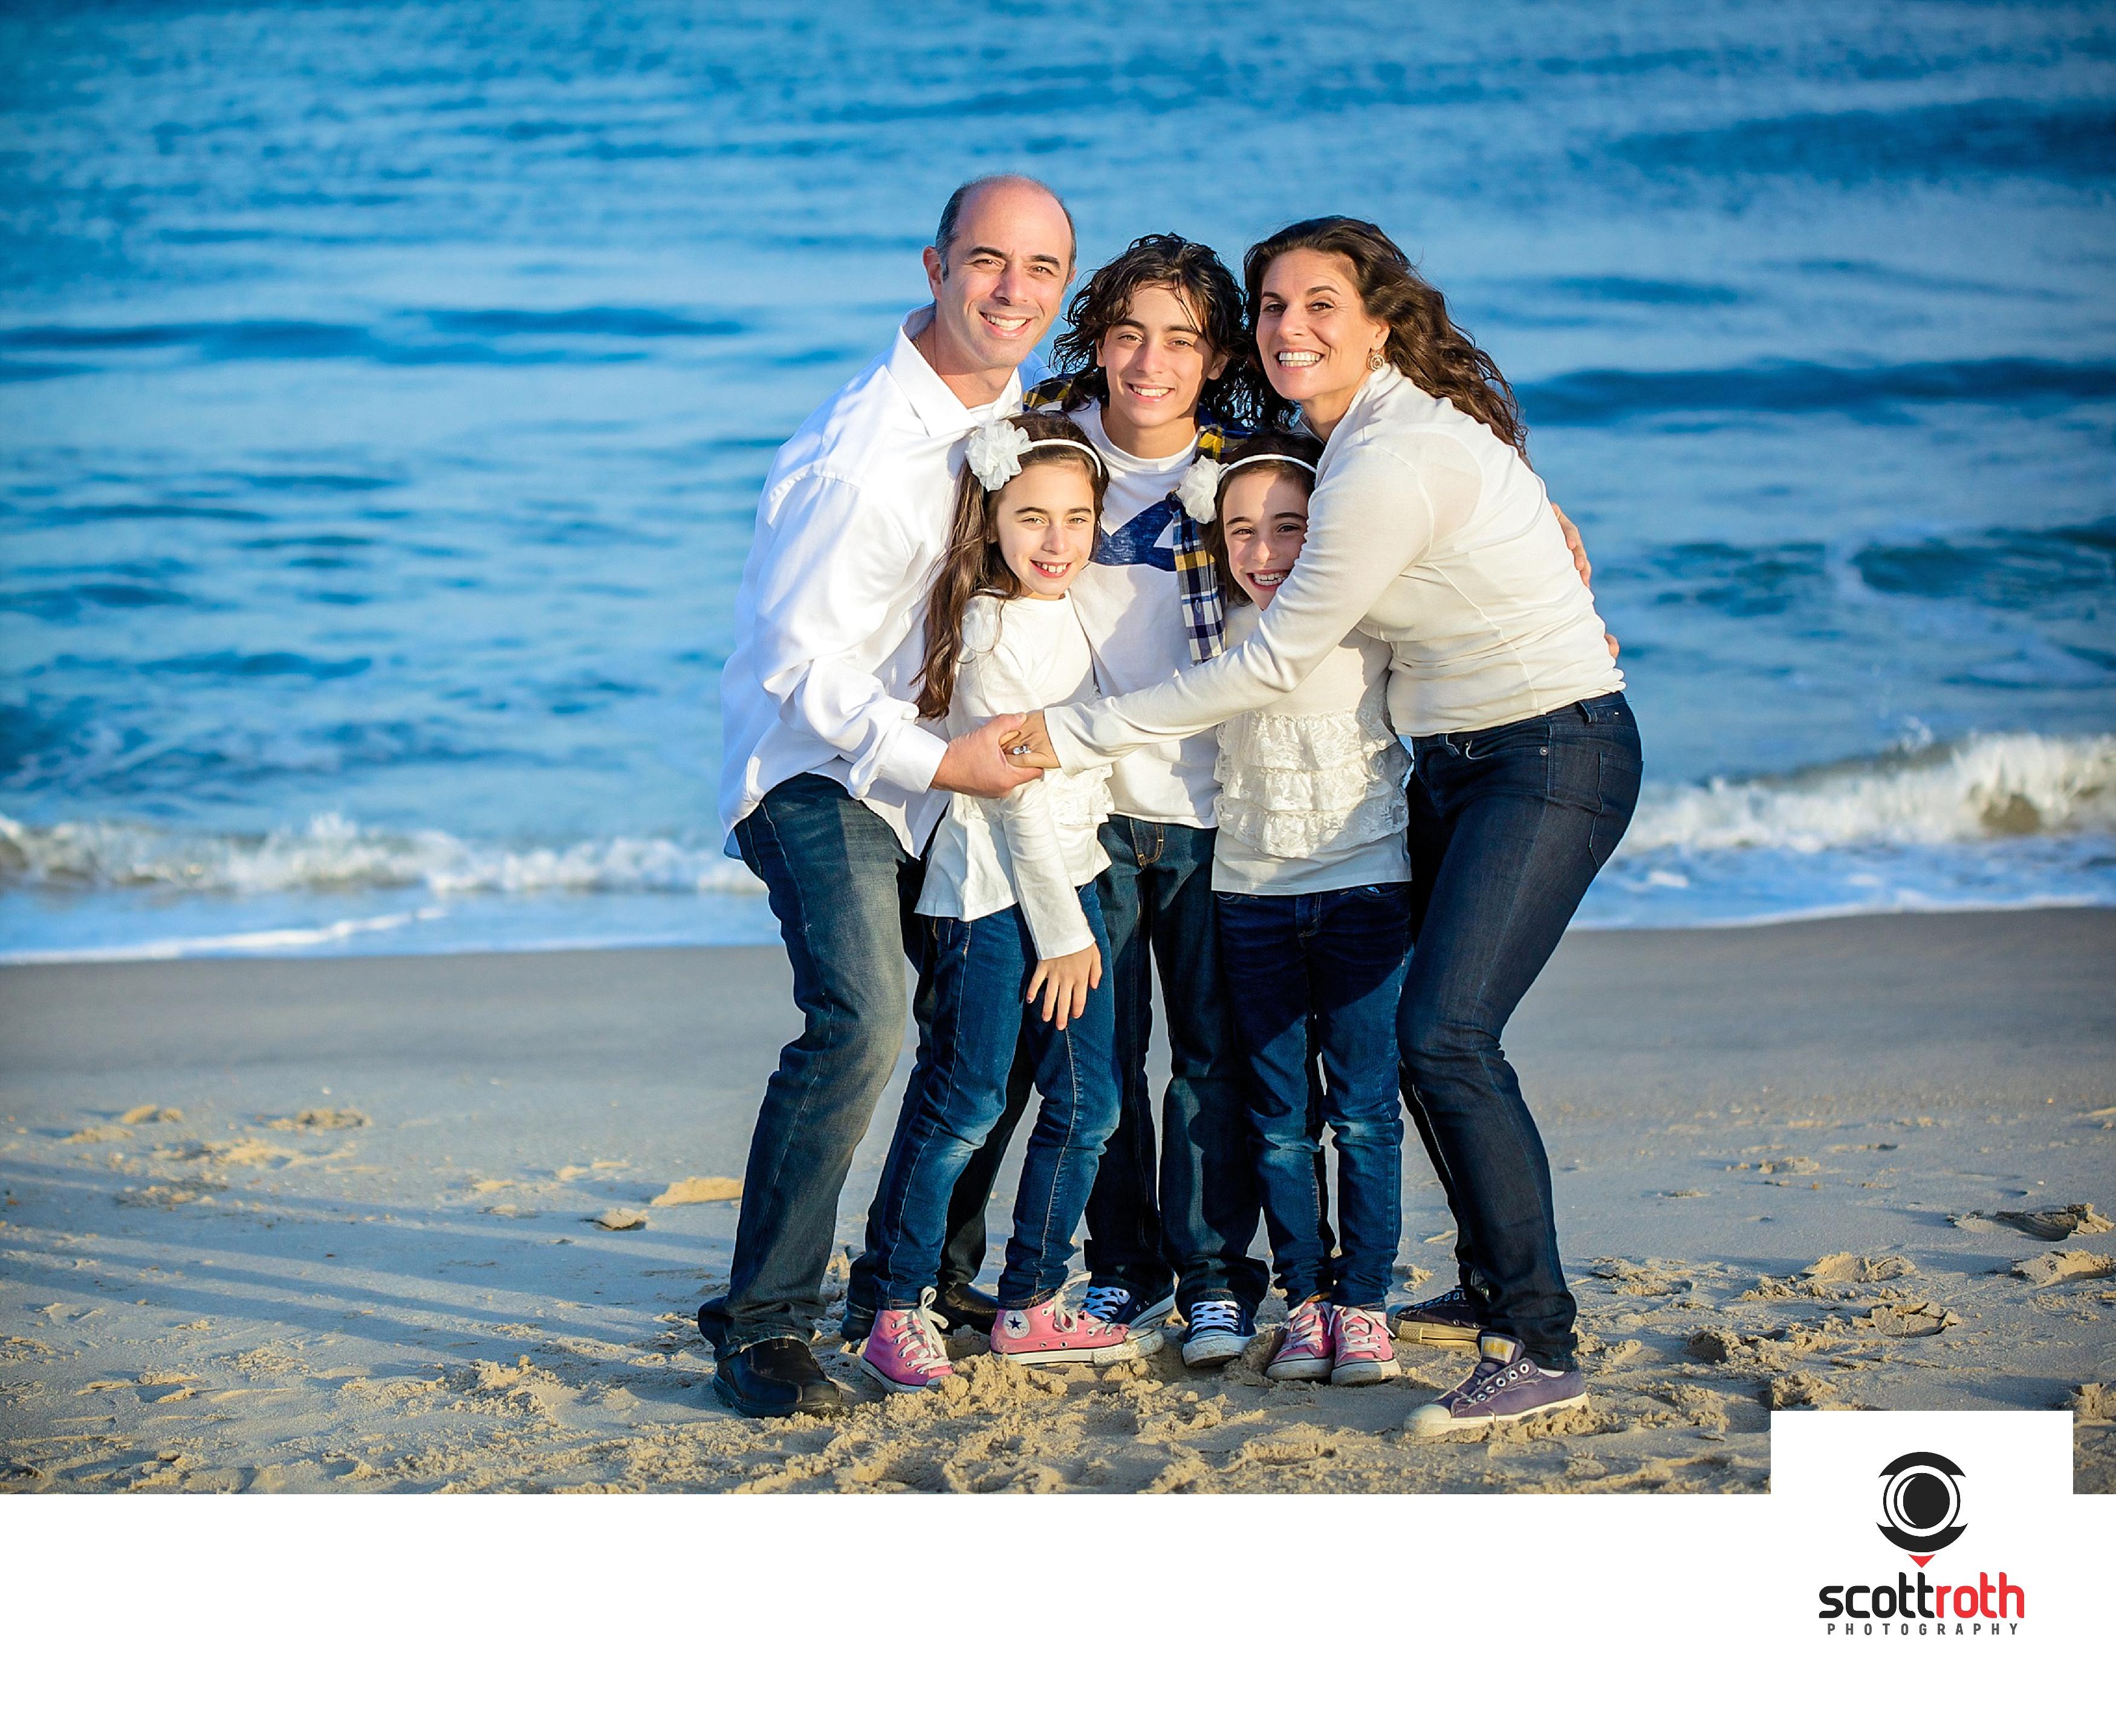 family-photography-beach-0601.jpg